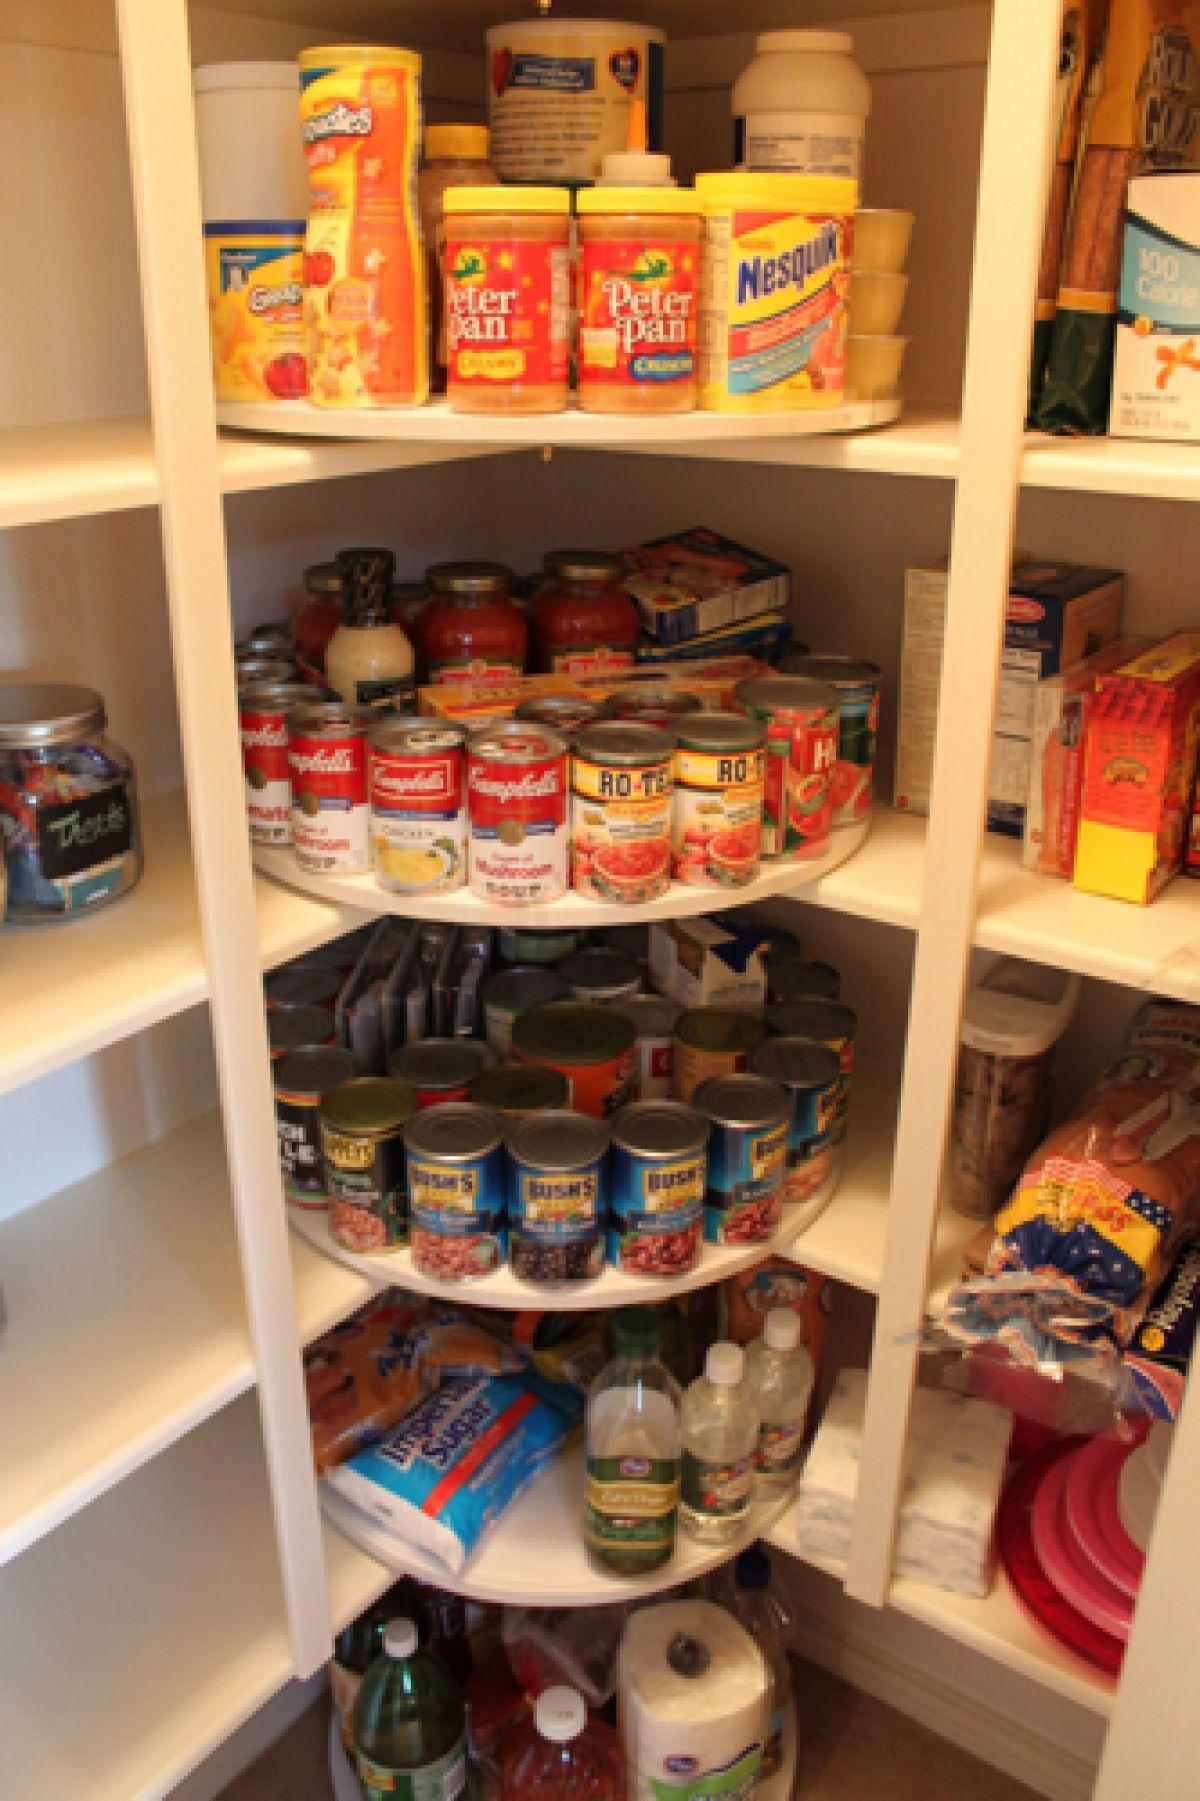 10 More Storage & Organization Hacks   Küchen speisekammer ...